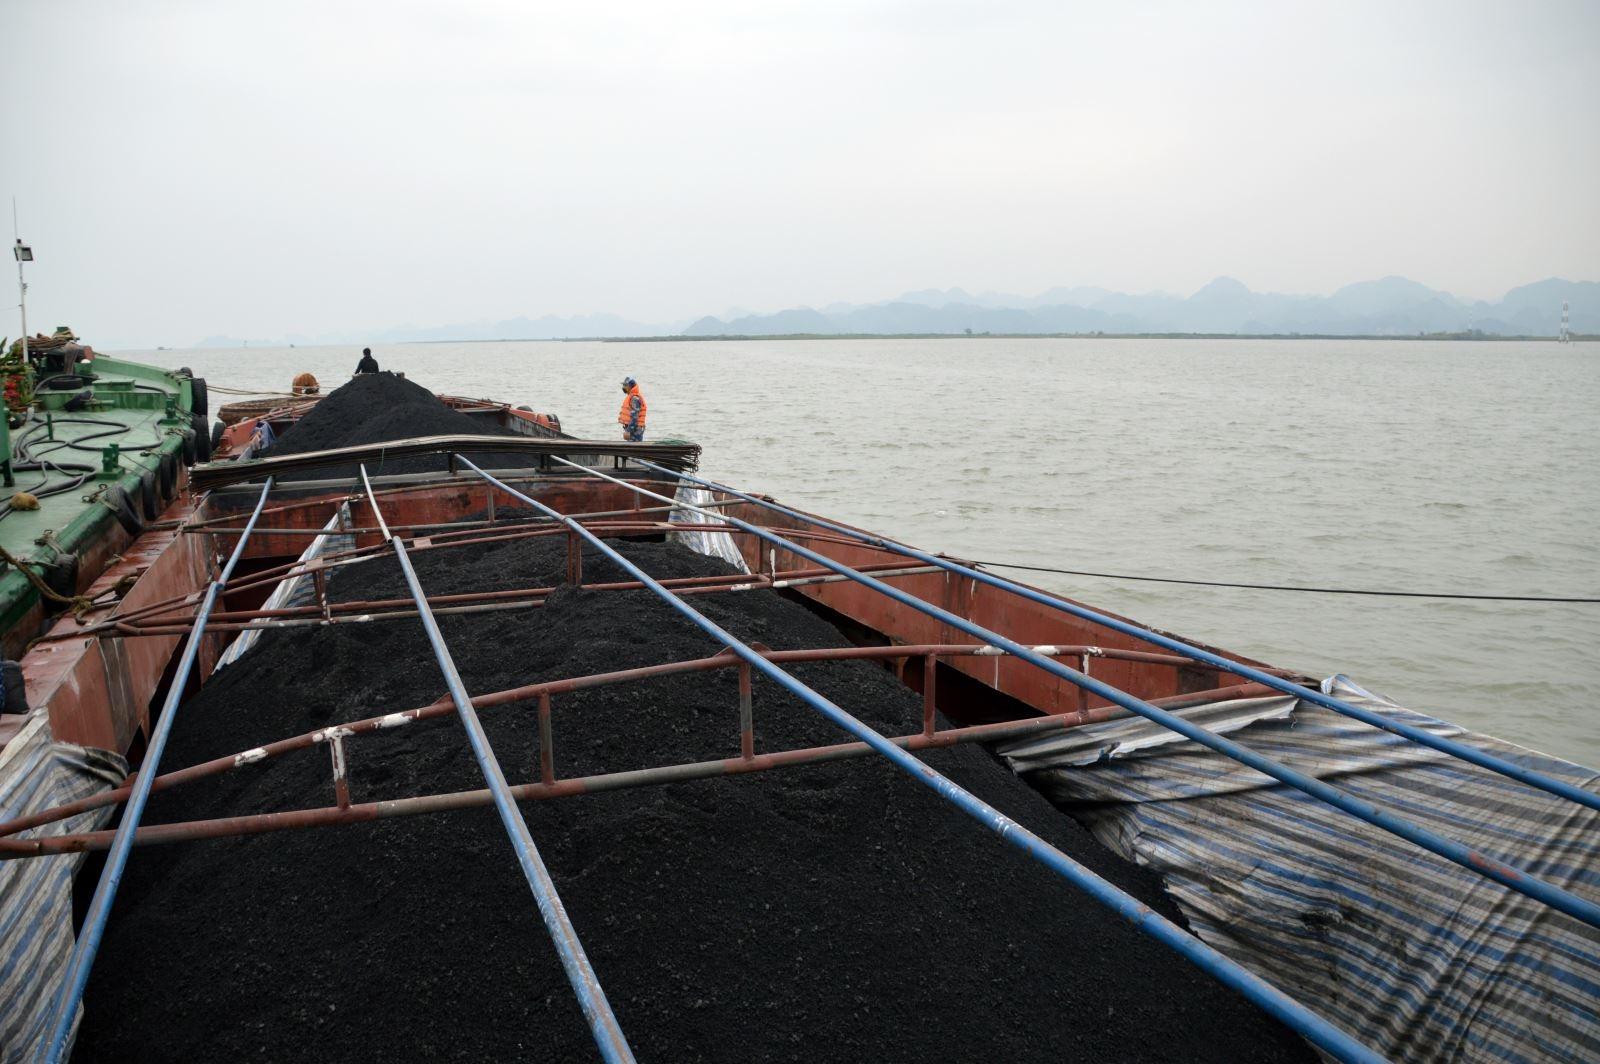 Thu giữ 500 tấn than trên biển không rõ nguồn gốc